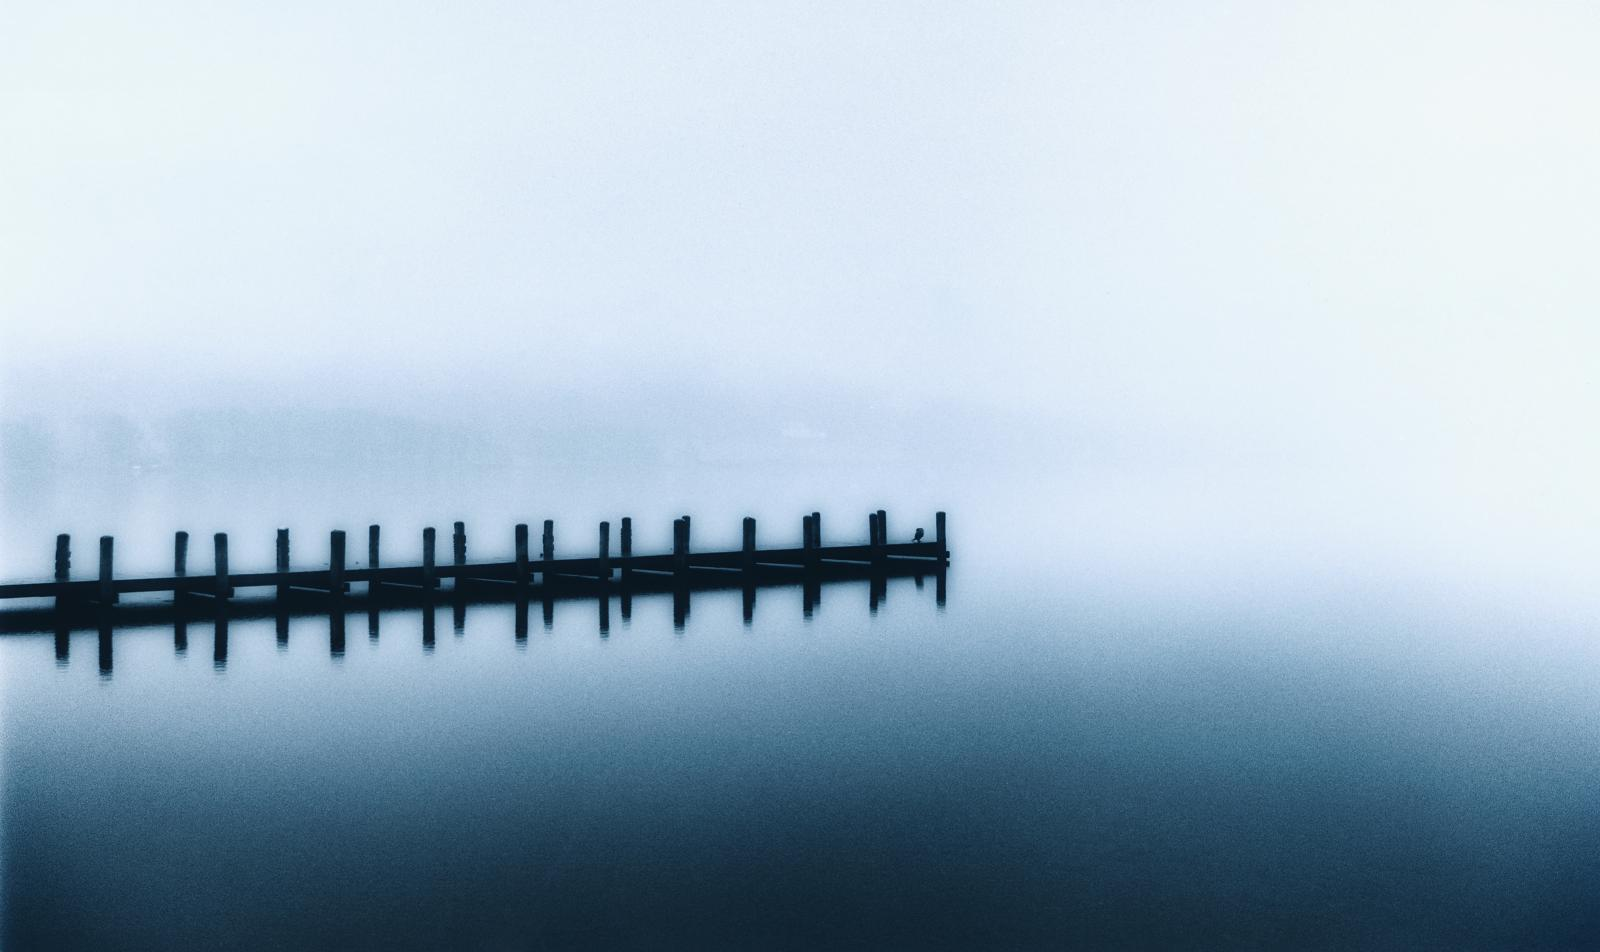 Landscape Lake Coniston Study 2